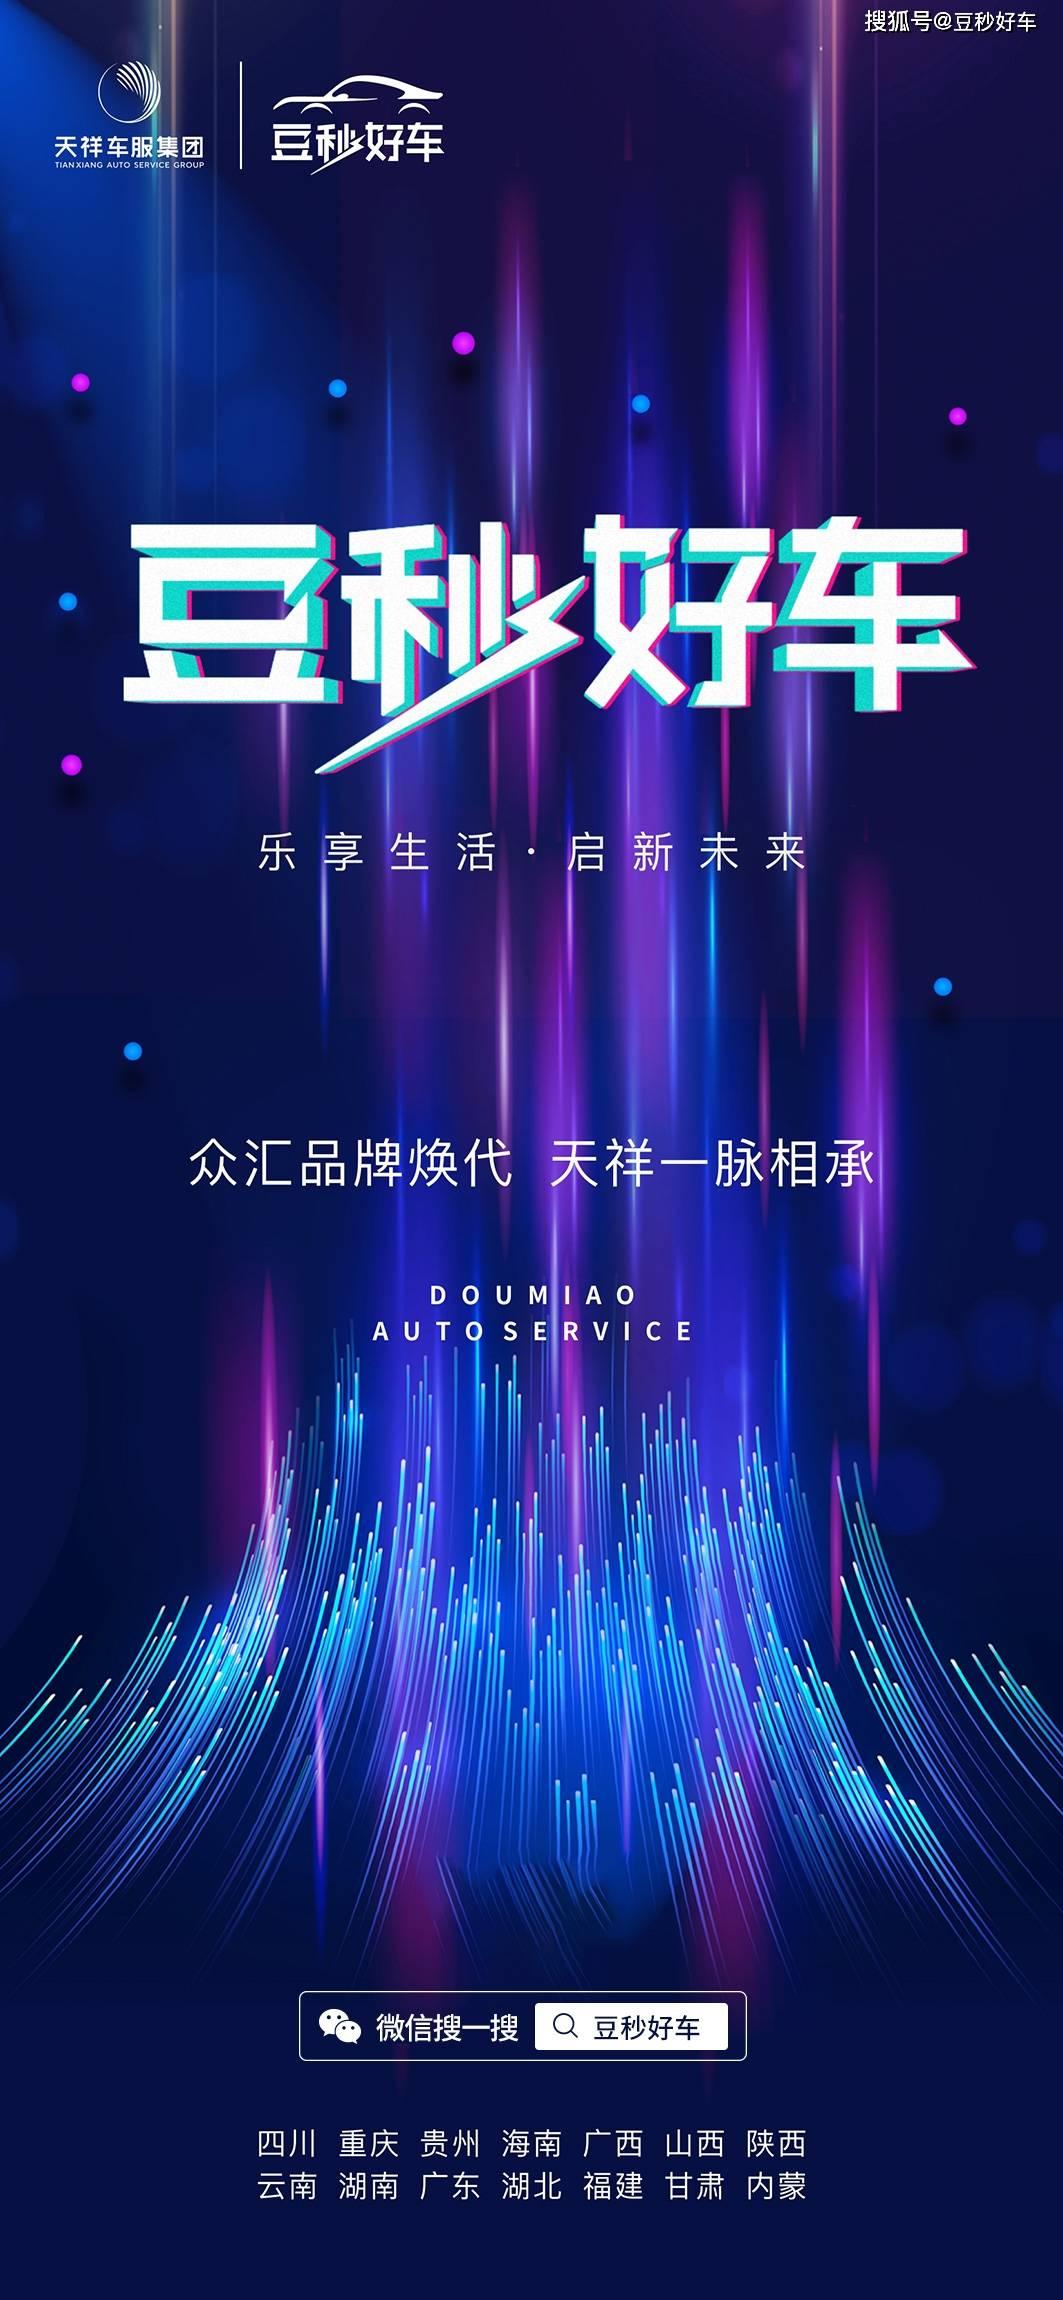 原文【官方公告】中汇汽车服务集团推出品牌复兴